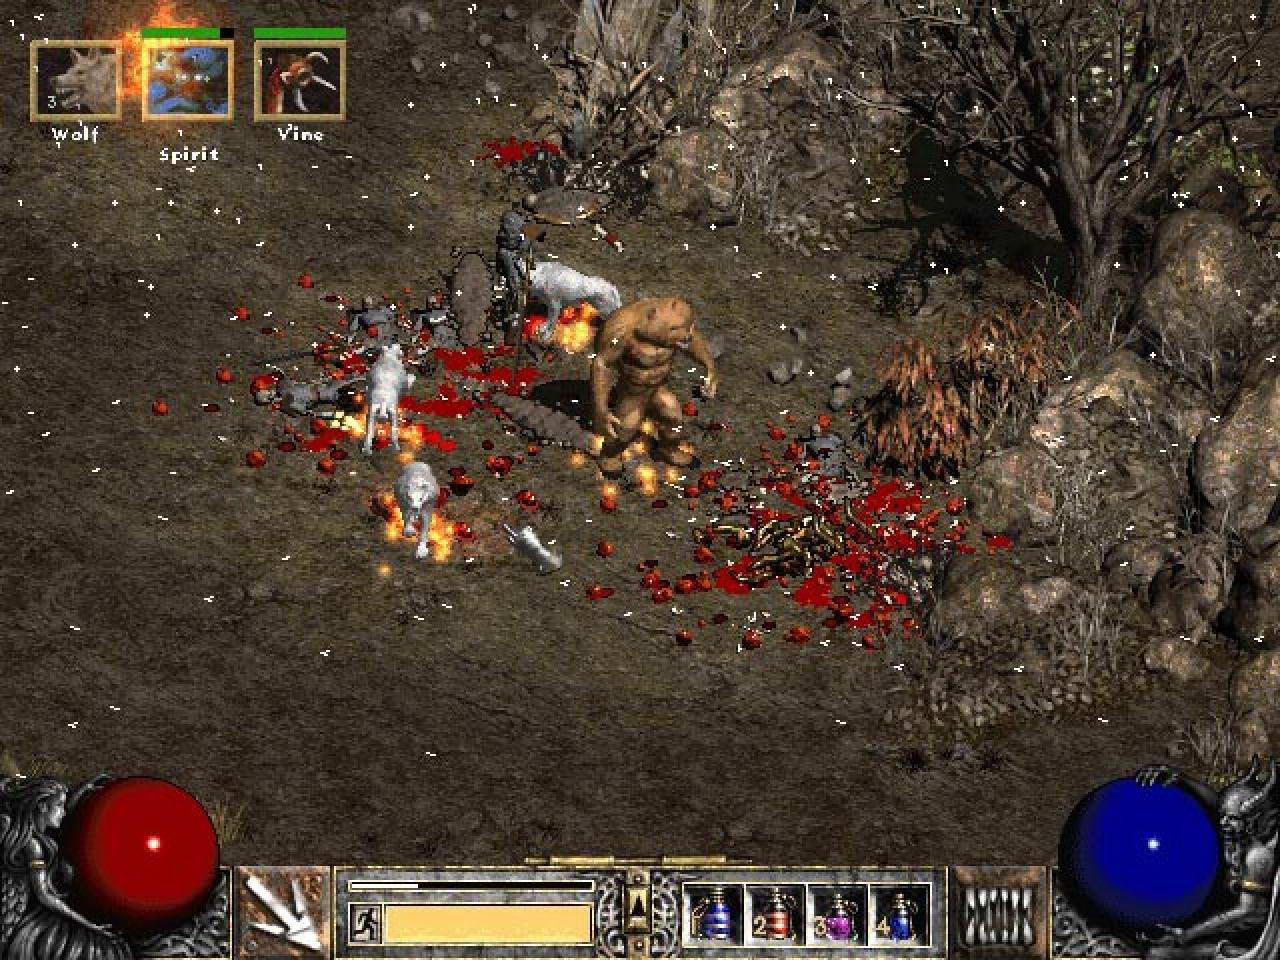 Diablo 2 hd nude patch anime image